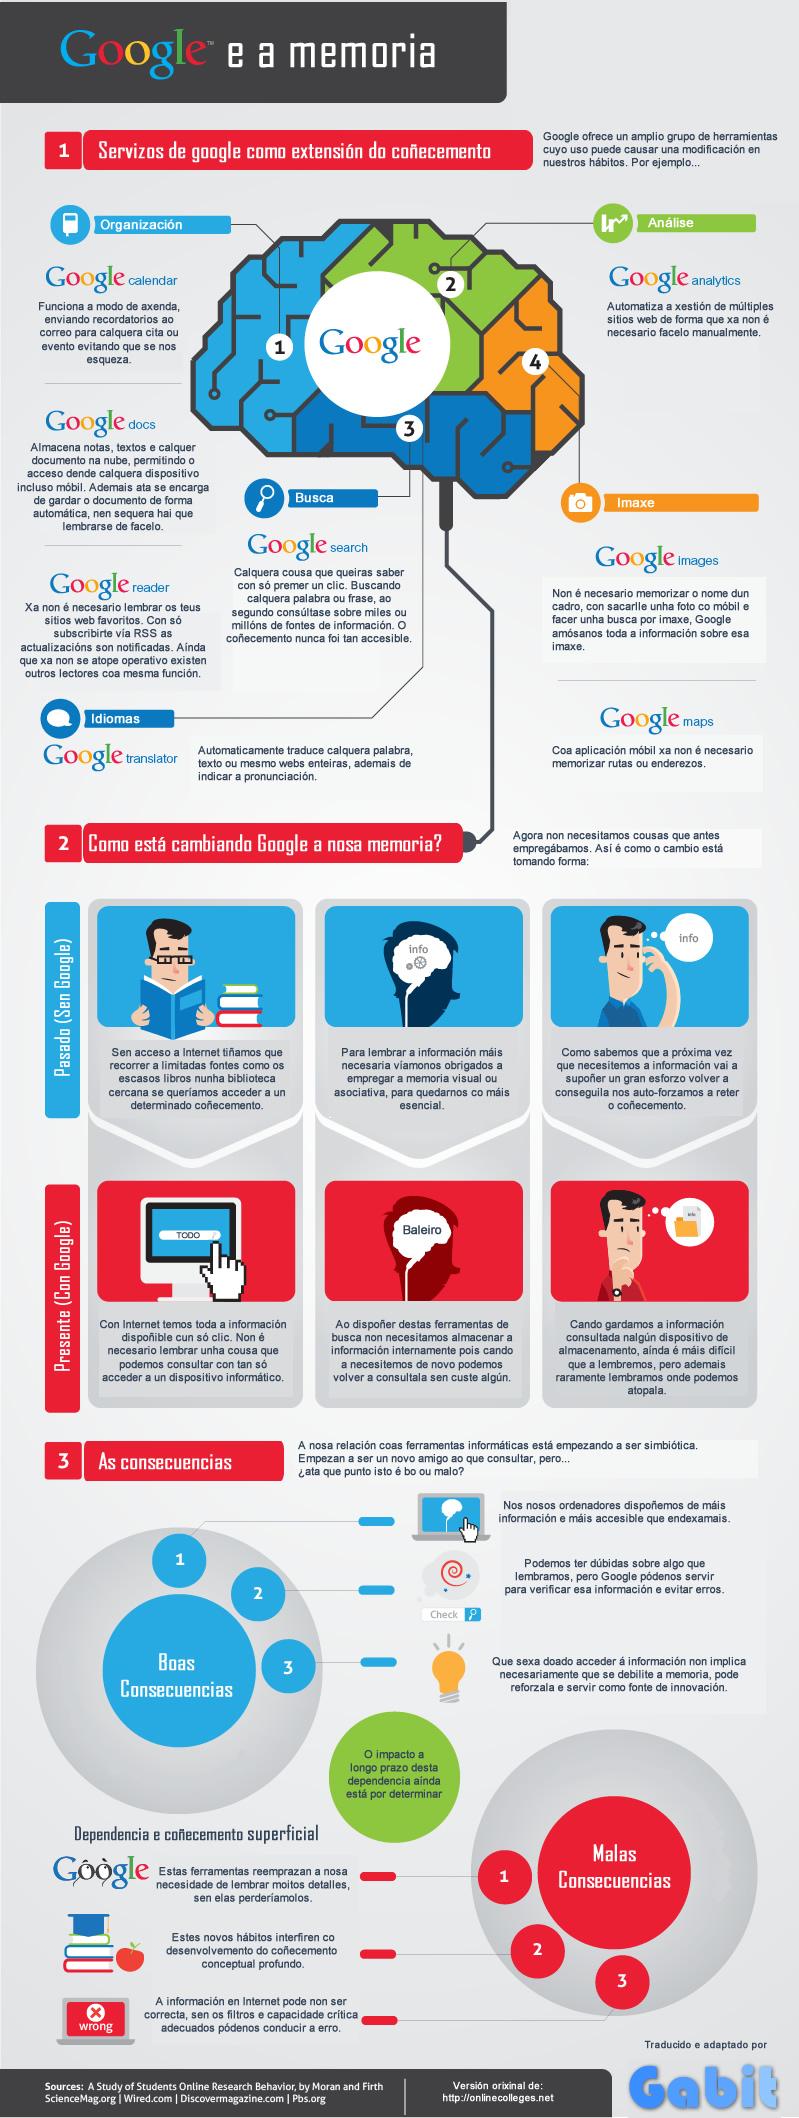 Infografía Google e a memoria